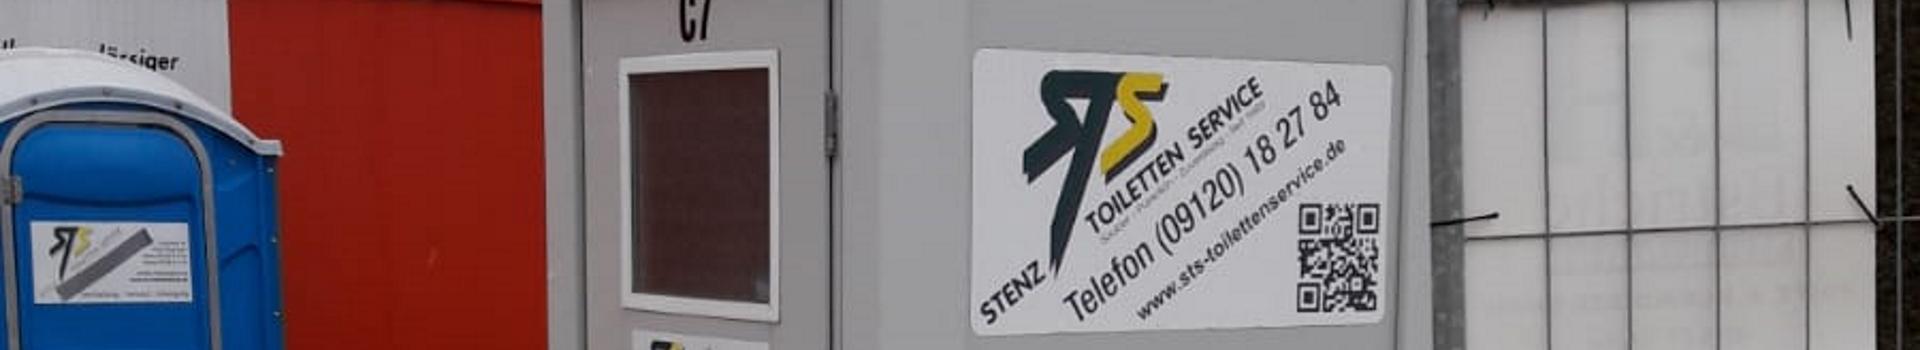 Toilettncontainer-leinburg-bei-nuernberg